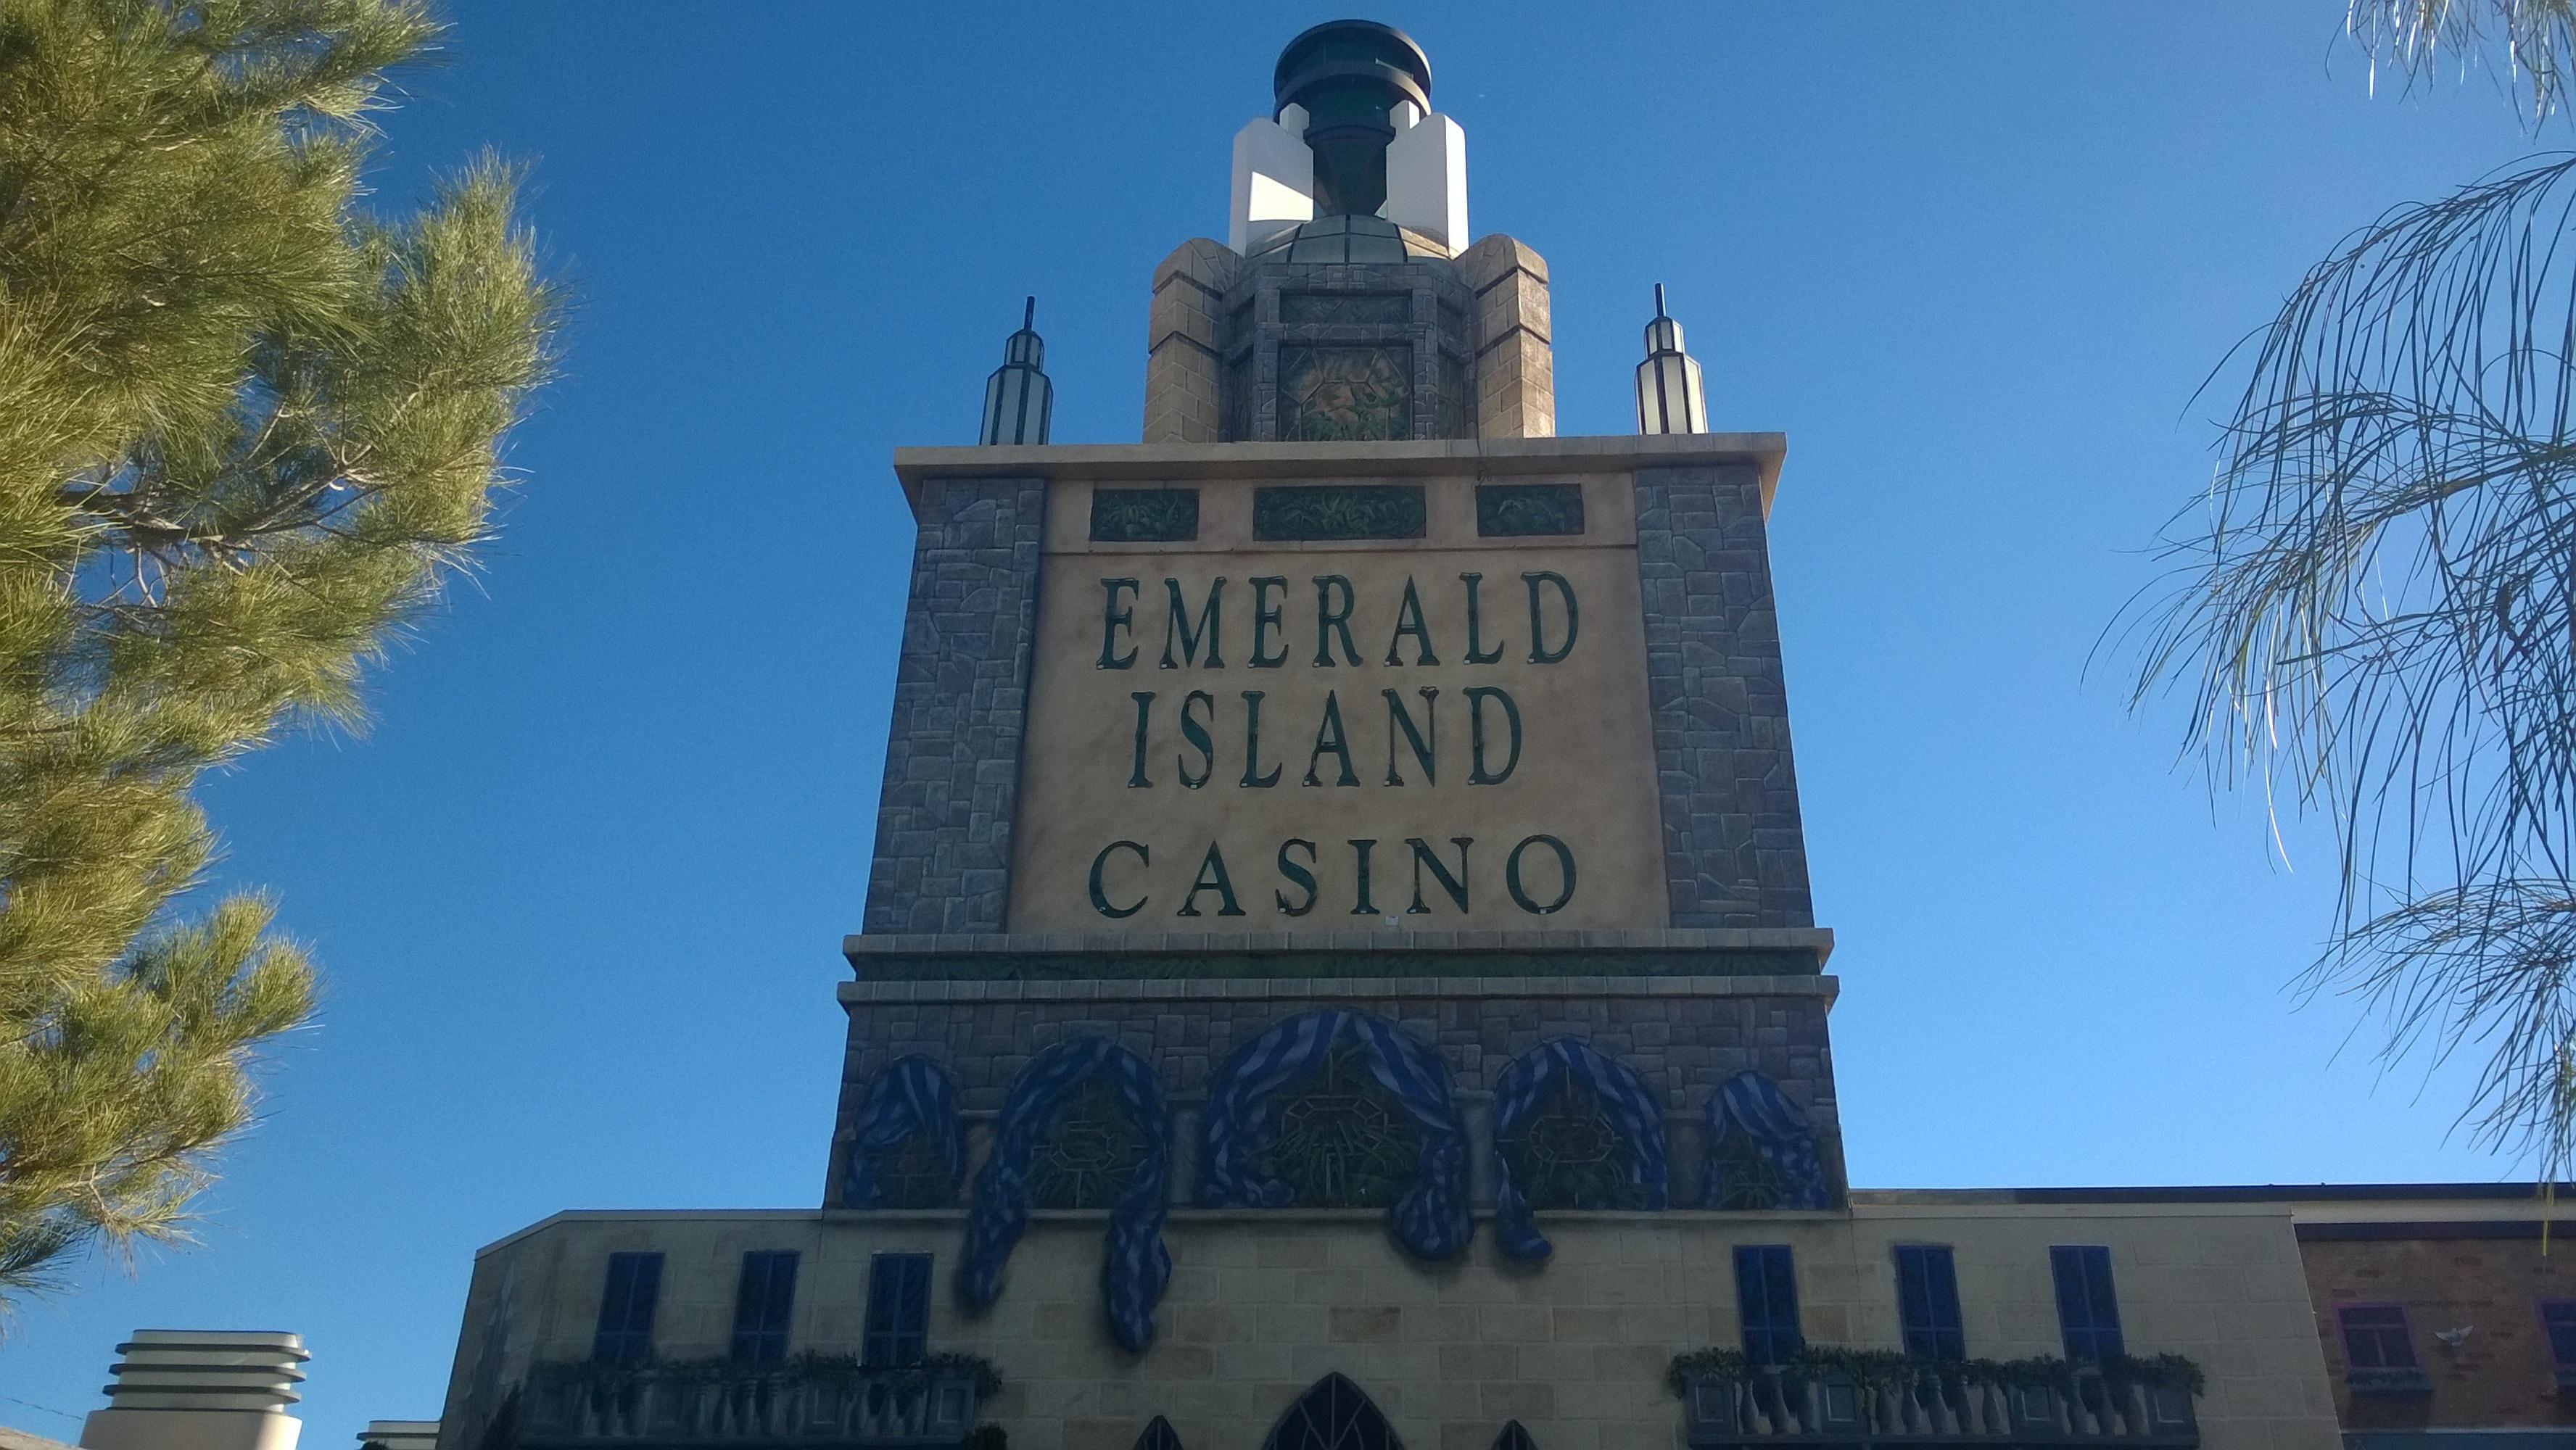 Emerald casino nevada motor city casino stella romanowski